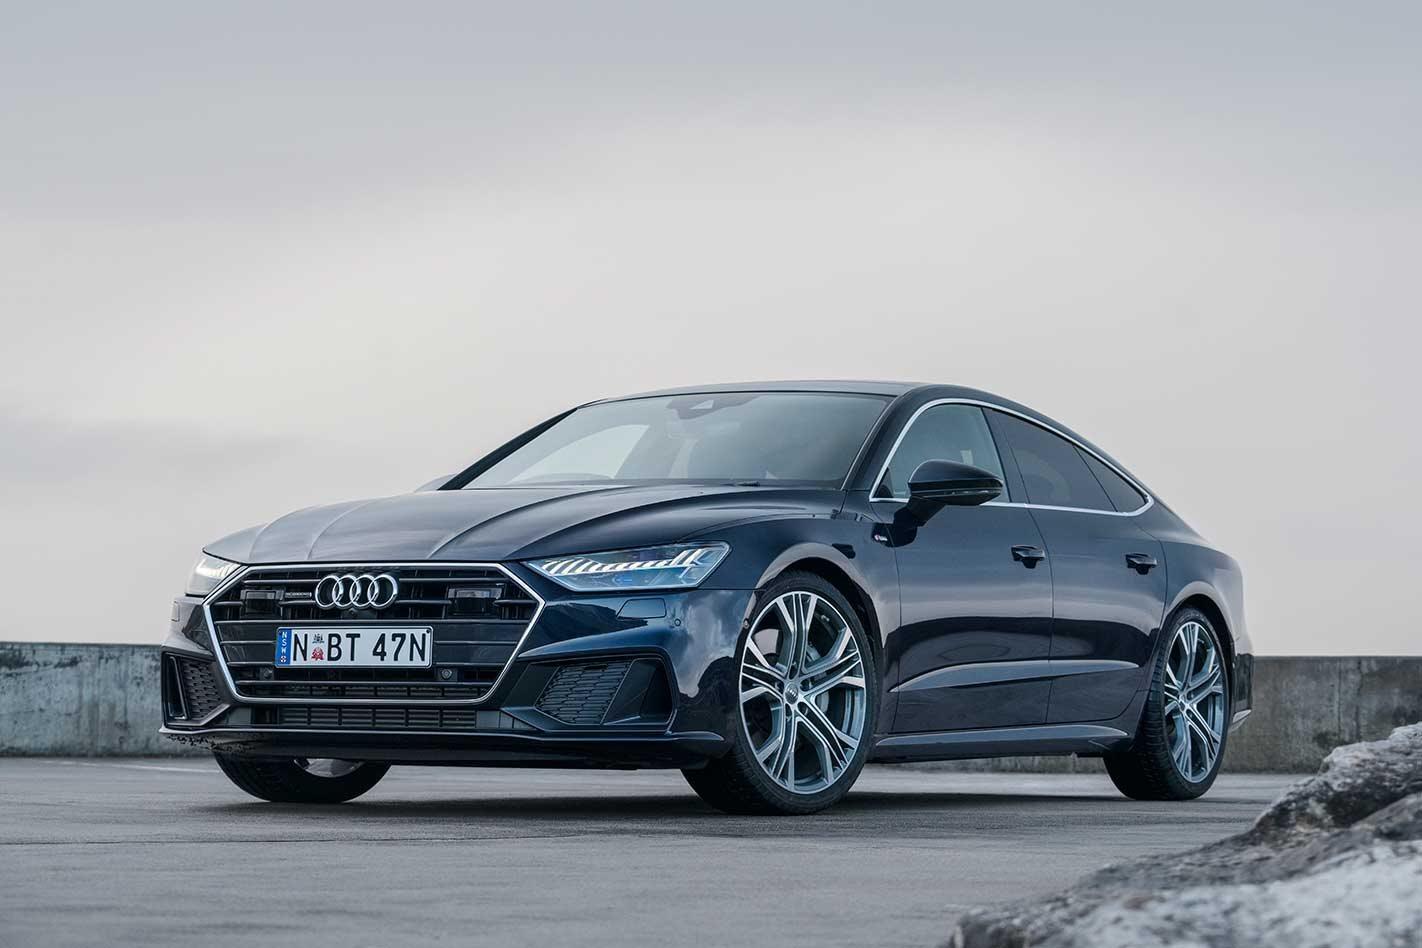 Kekurangan Audi A7 Sportback 2019 Harga